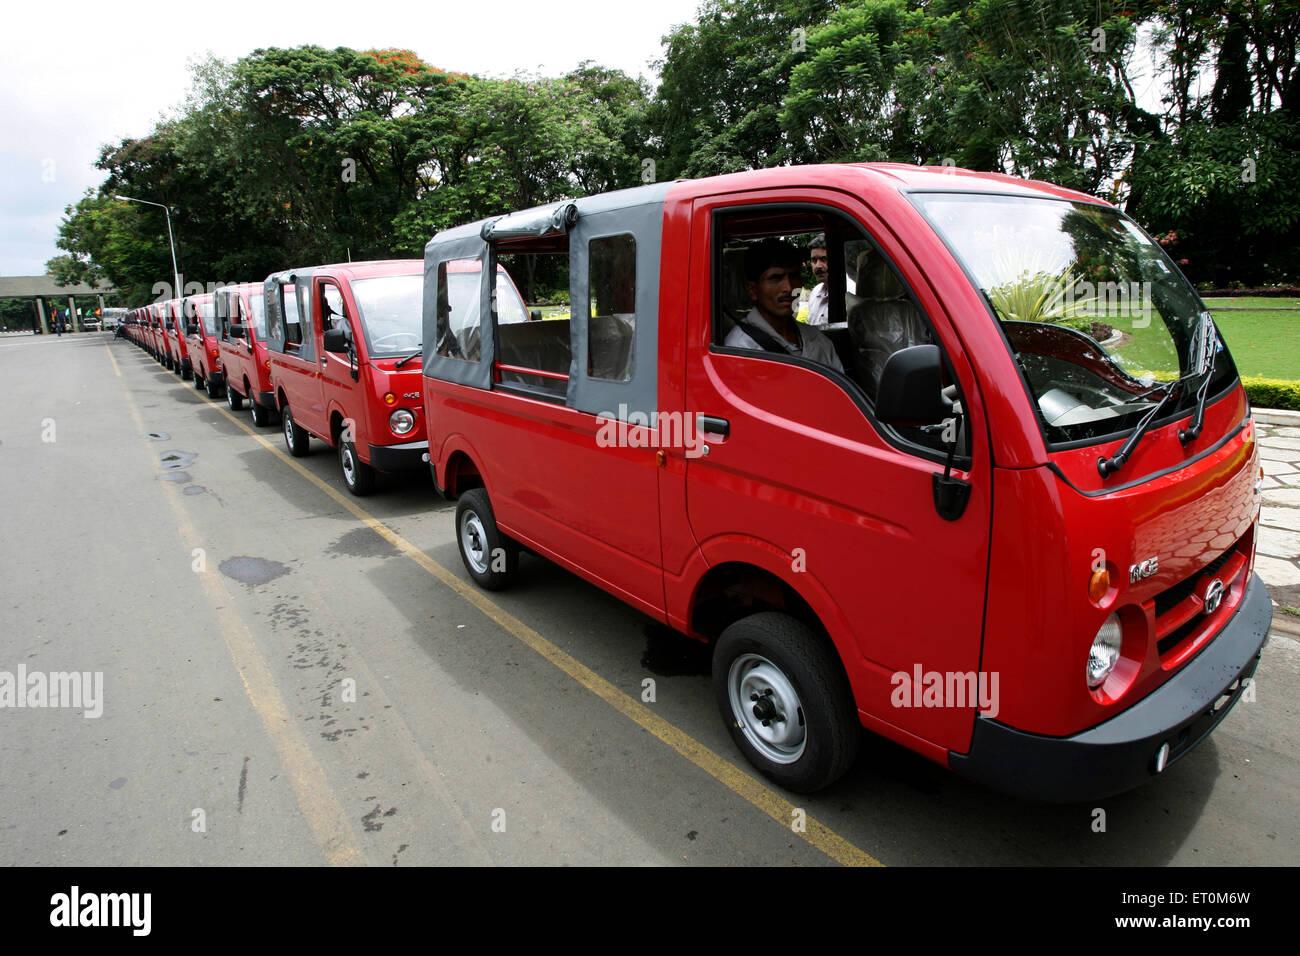 Tata motors new range mini vans Tata Magic used as mini bus at Tata motors plant ; Pimpri near Pune ; Maharashtra - Stock Image